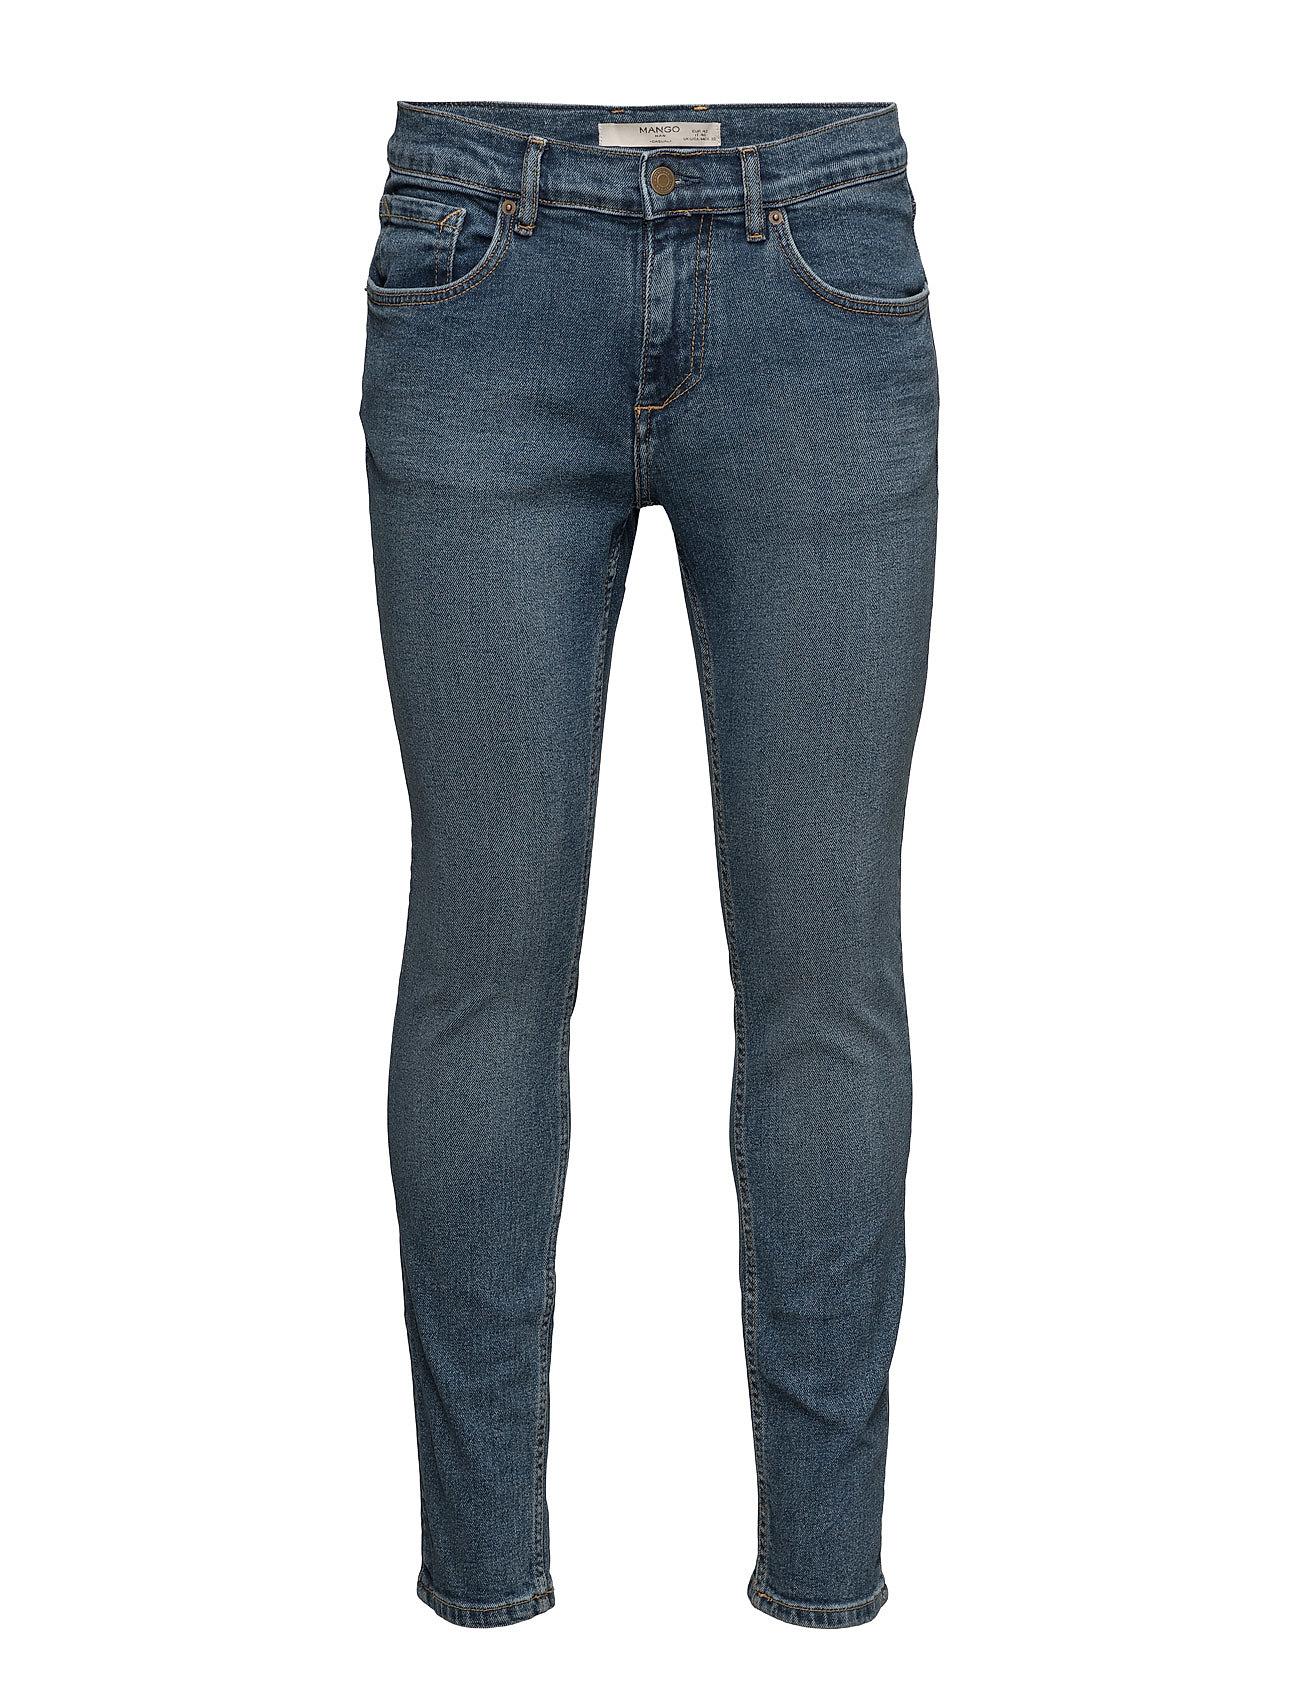 Skinny Dark Wash Jude Jeans Mango Man Skinny til Mænd i Open Blå